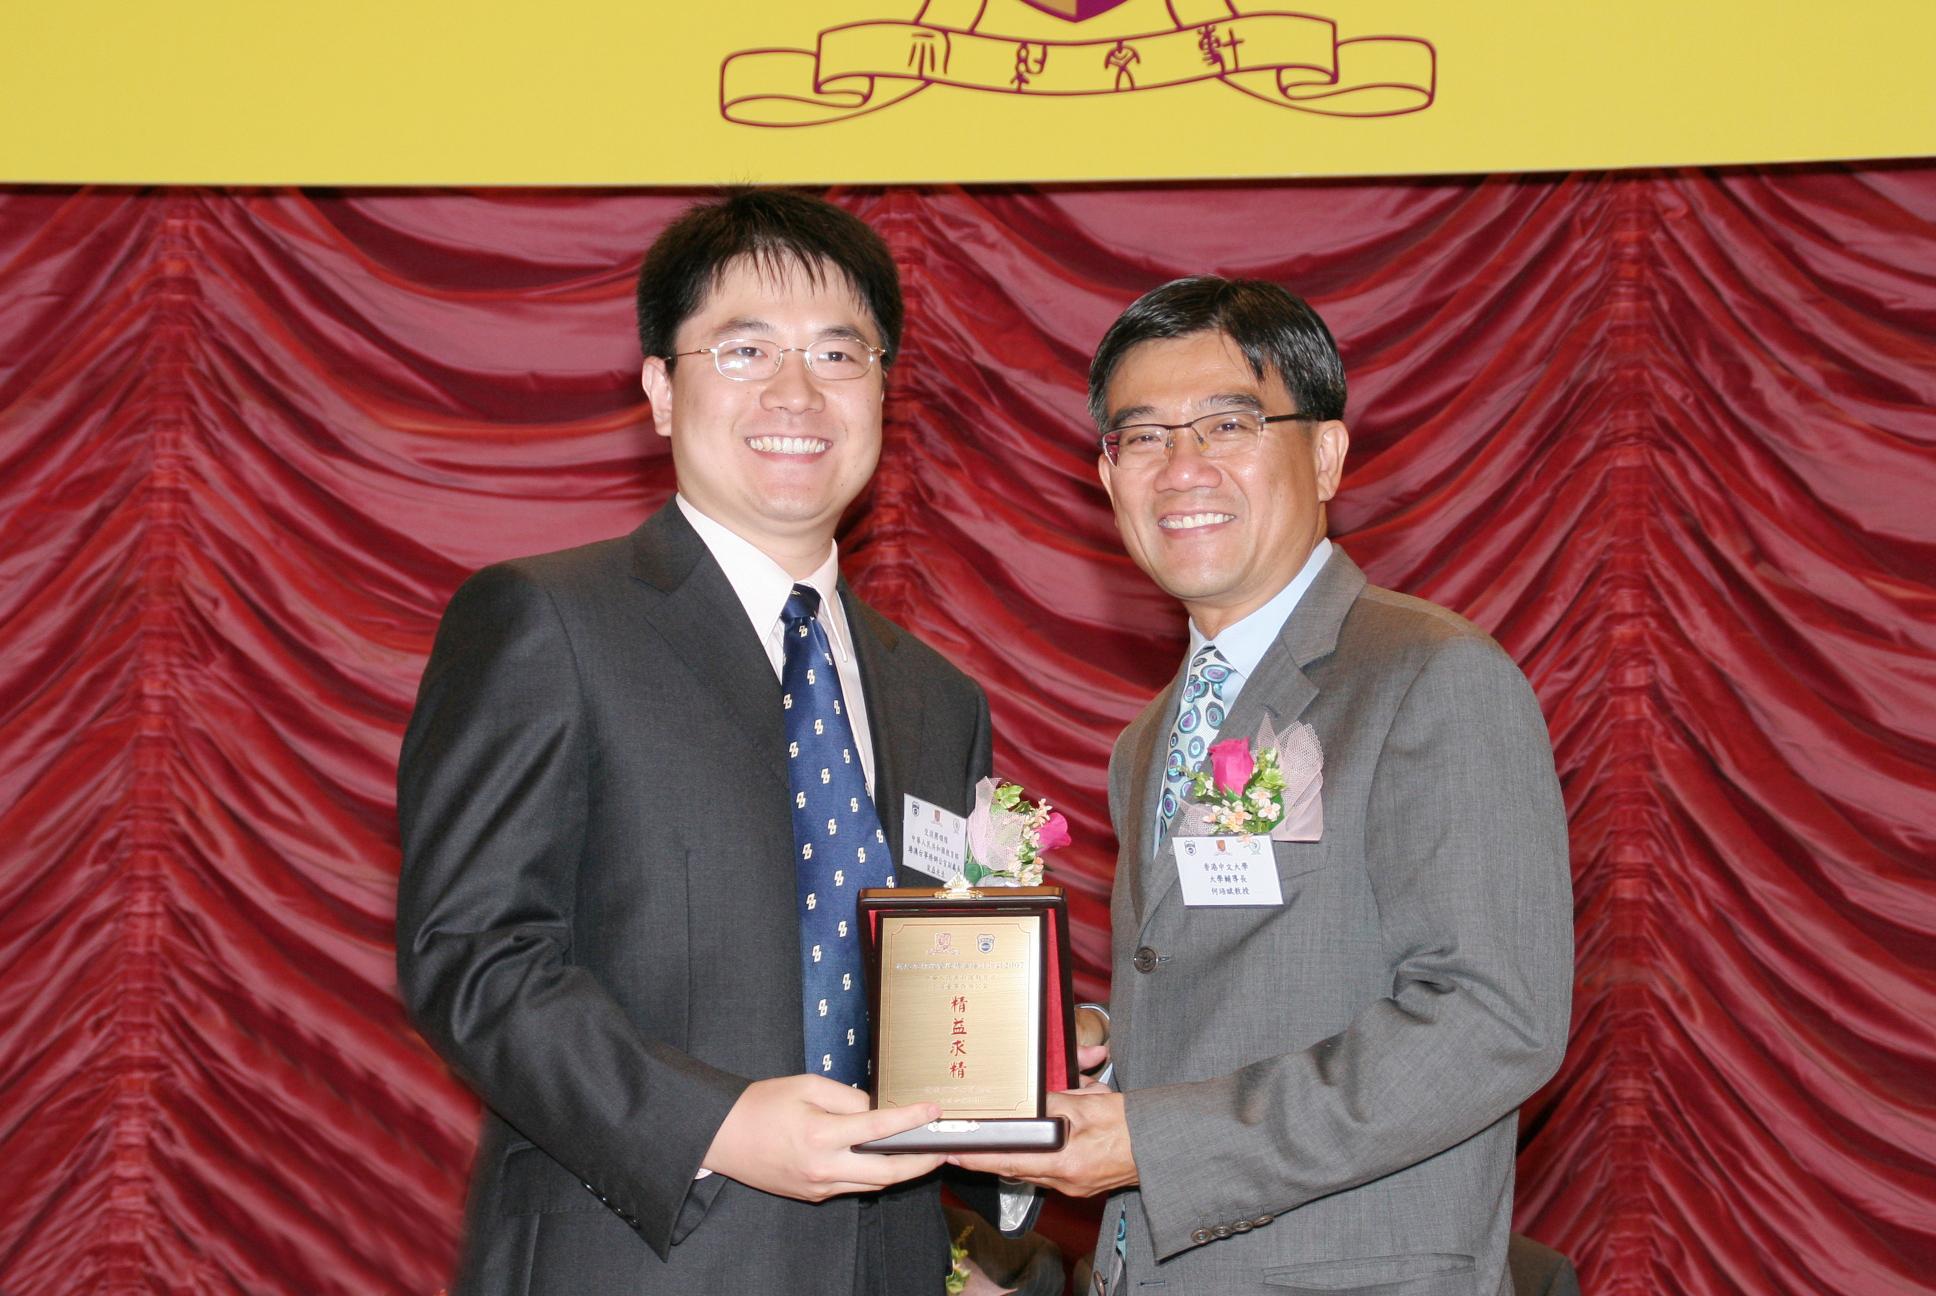 香港中文大學大學輔導長何培斌教授於歡迎儀式致送紀念品予交流團領隊中華人民共和國教育部港澳台事務辦公室副處長宋磊先生。